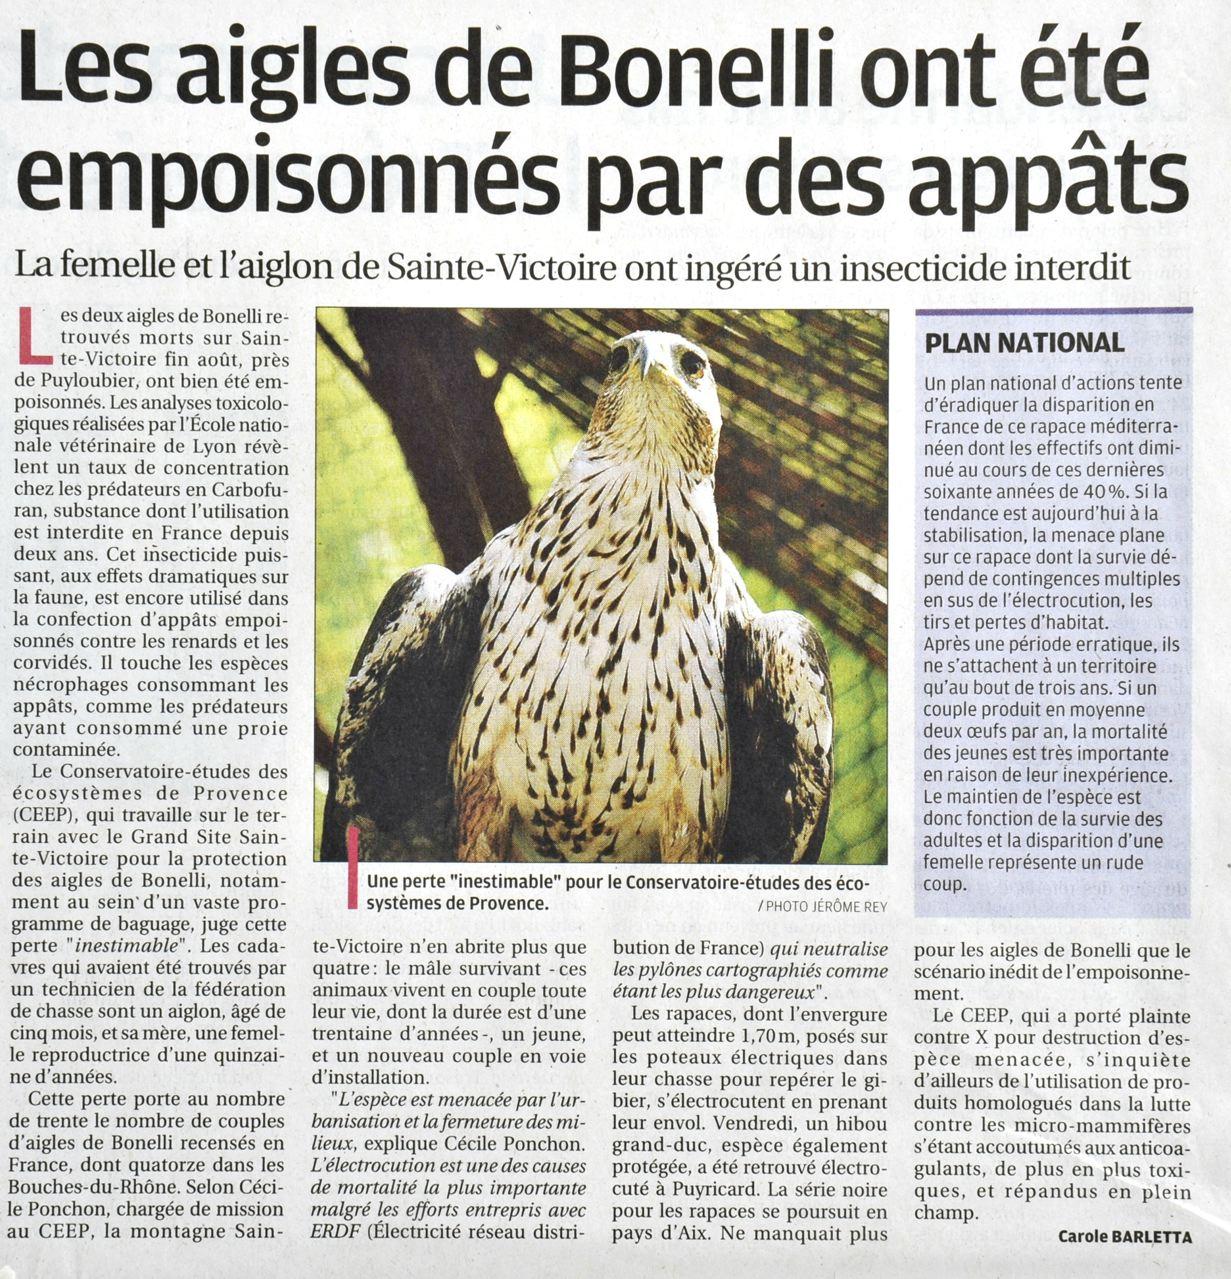 http://loicduperier.free.fr/parapente_blog/article%20aigles%20la%20Provence.jpg